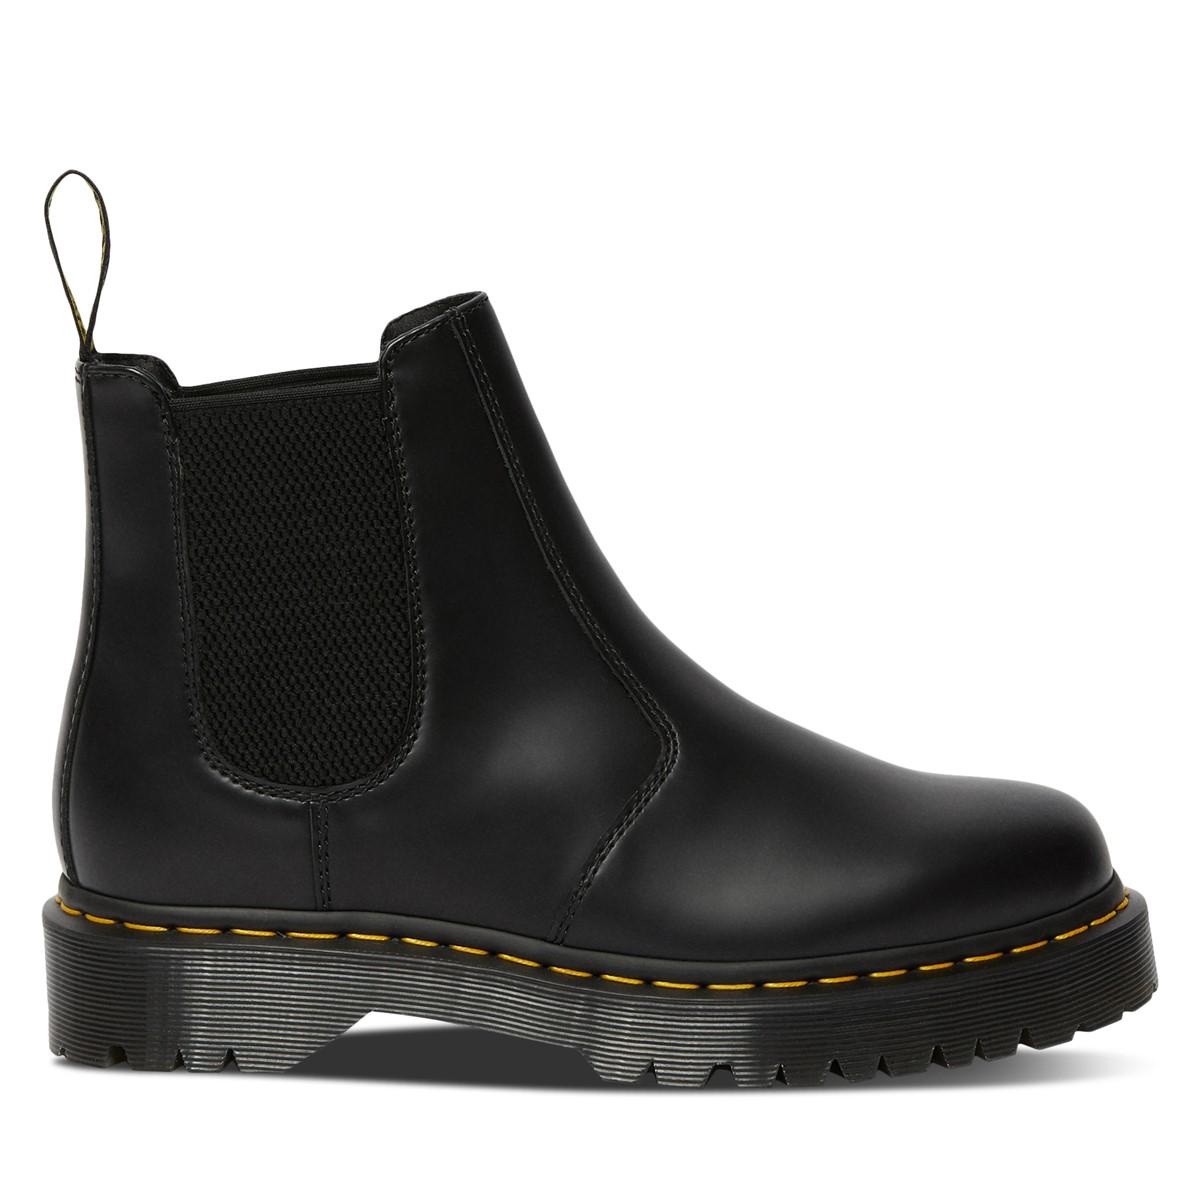 Women's 2976 Bex Chelsea Boots in Black